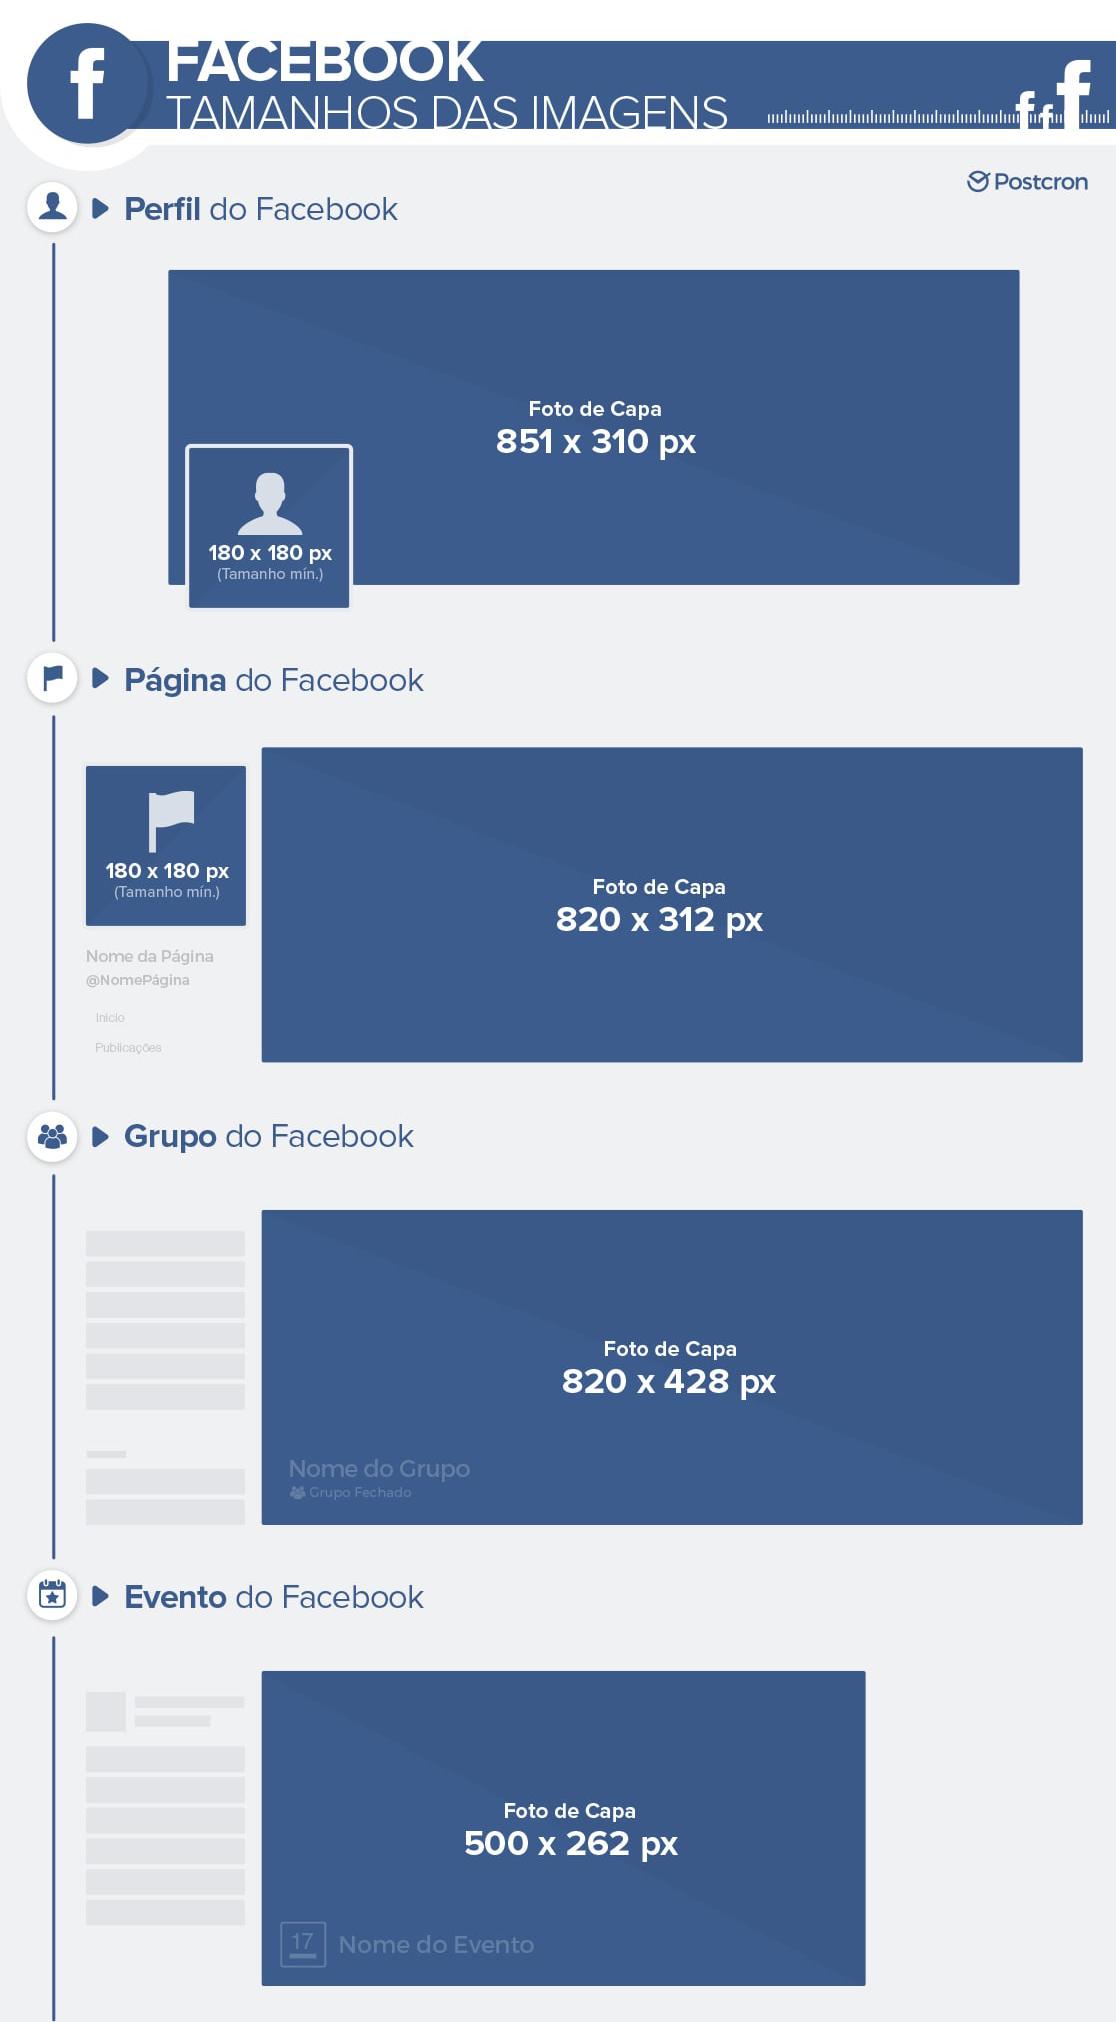 Conhecido Tamanhos para a Foto de Capa do Facebook, Twitter, Youtube | 2018 SO02